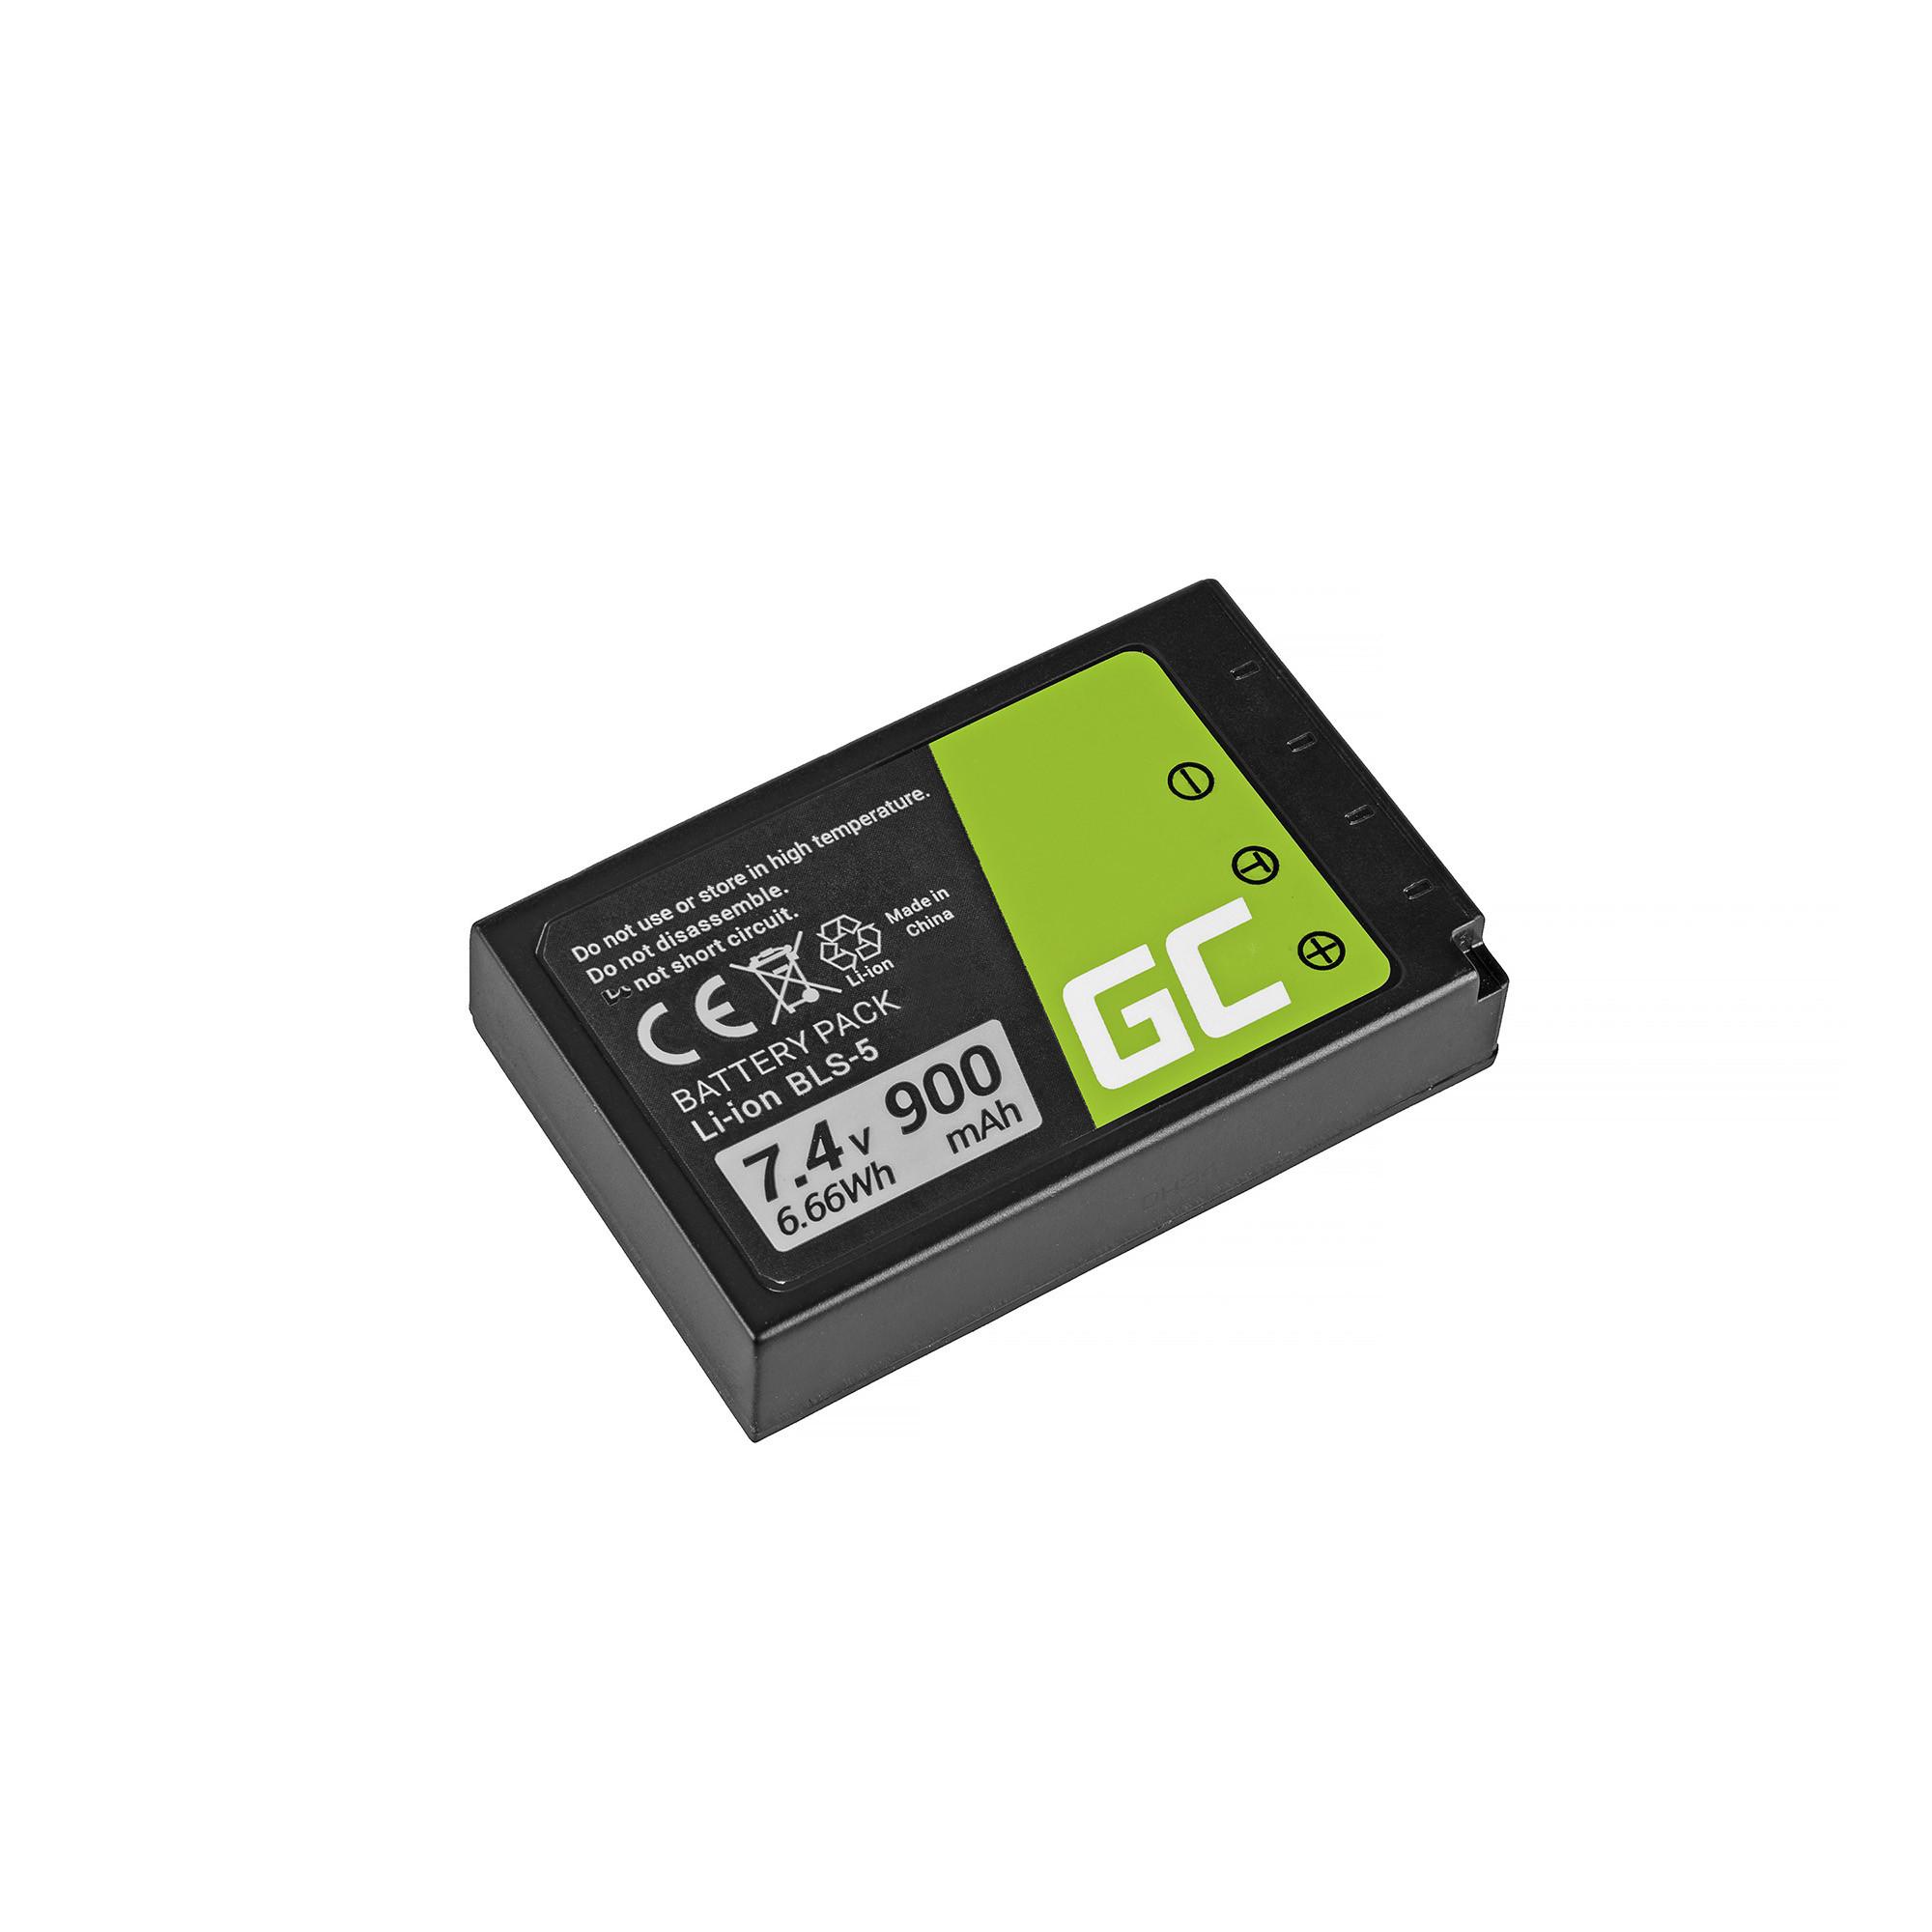 Green Cellbatteri BLS-5 / BLS-50 Olympus OM-D E-M10, PEN E-PL2, E-PL5, E-PL6, E-PL7, E-PM2, Stylus 1 7.4V 900mAh